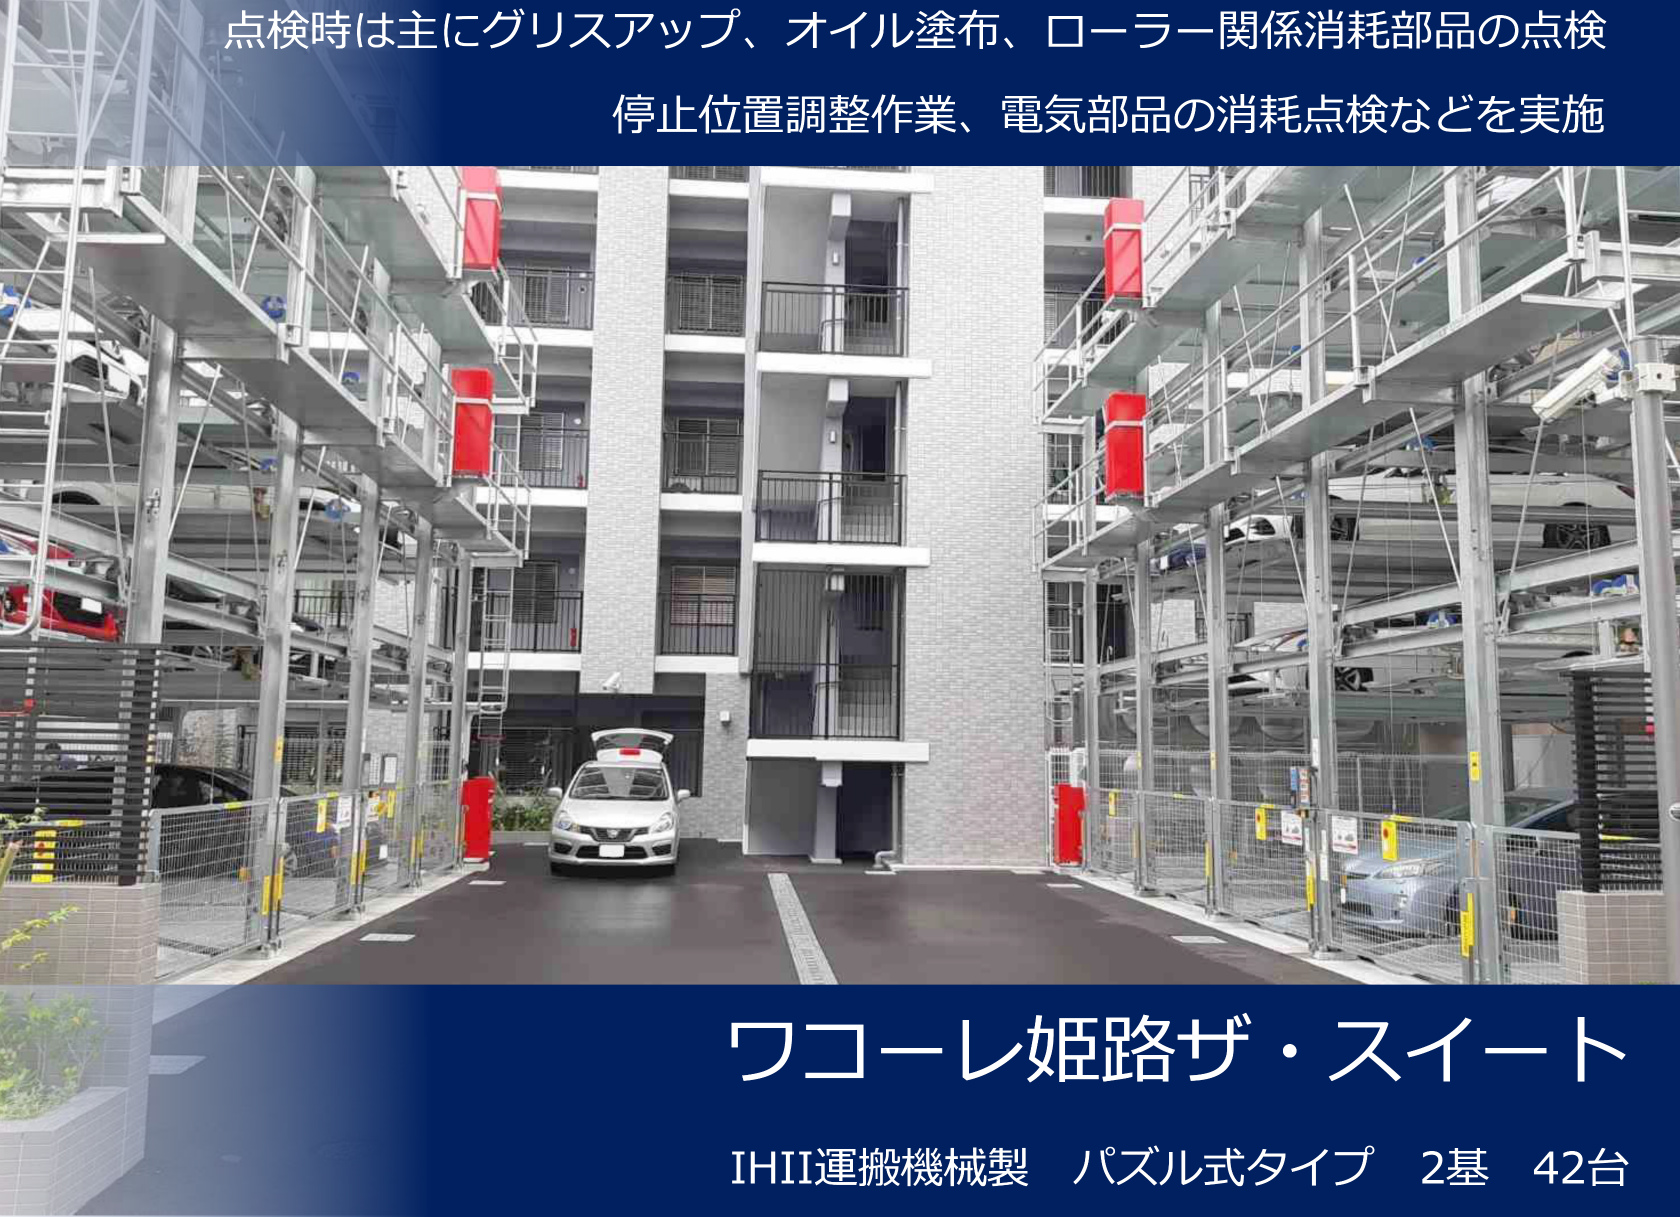 2021年6月度 関西13件・関東14件 機械式・立体式駐車場メンテナンス受託を頂きました!